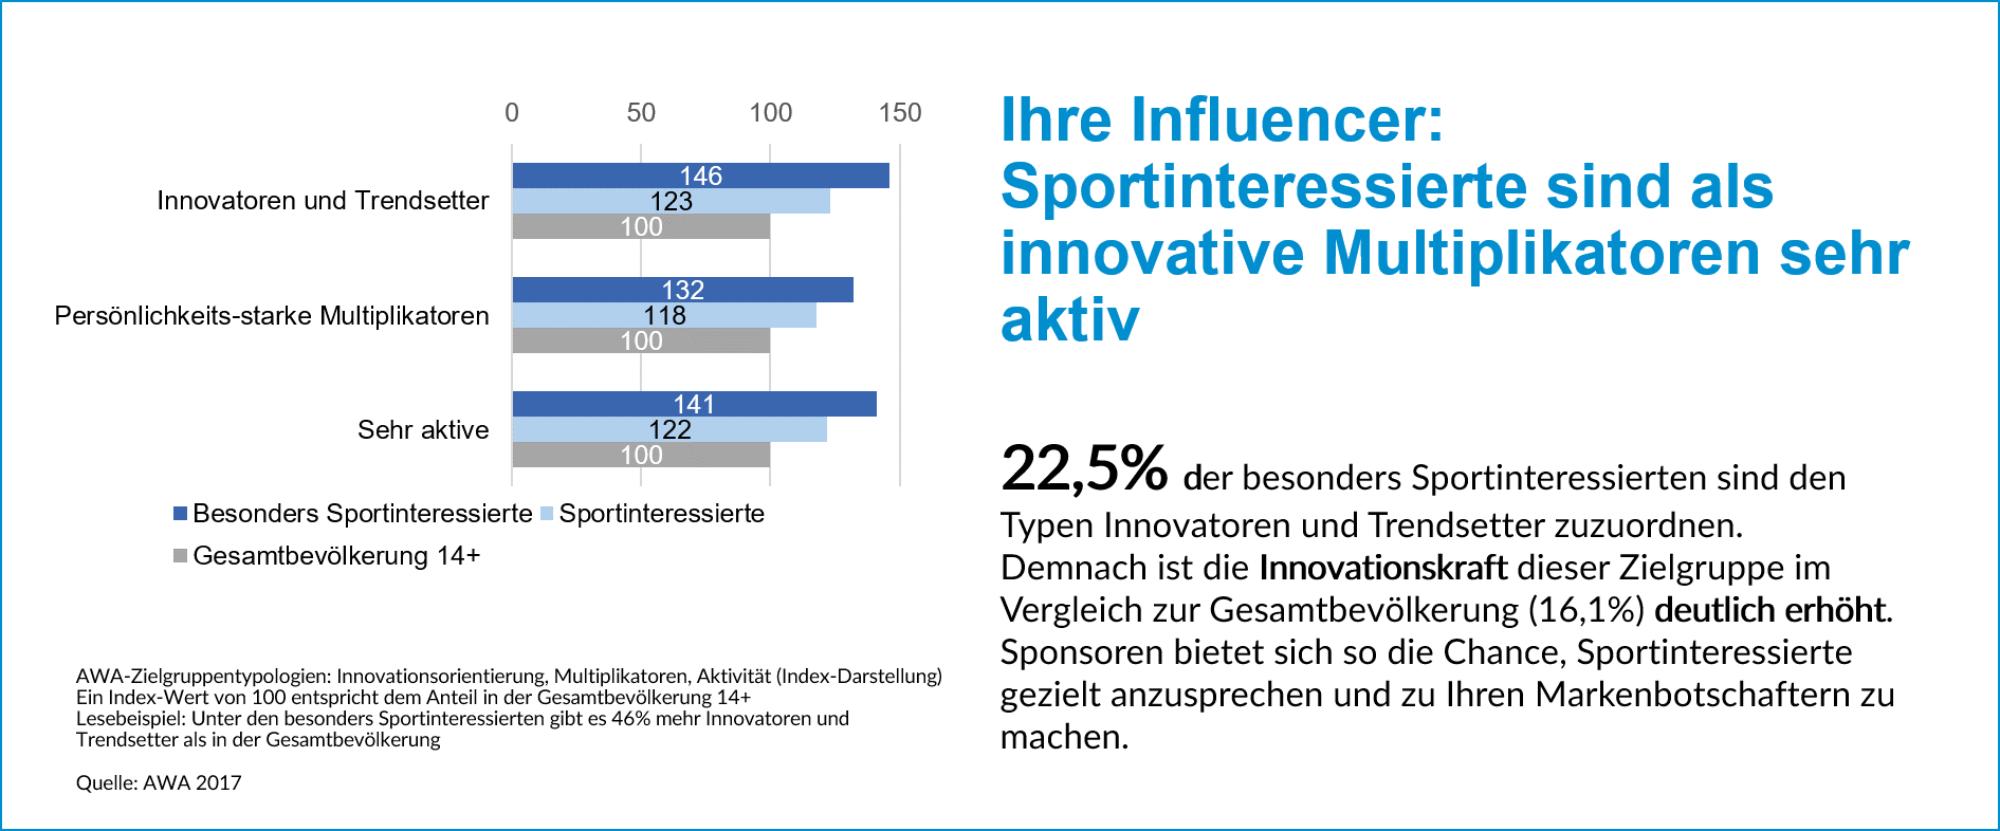 Sportinteressierte sind als innovative Multiplikatoren sehr aktiv